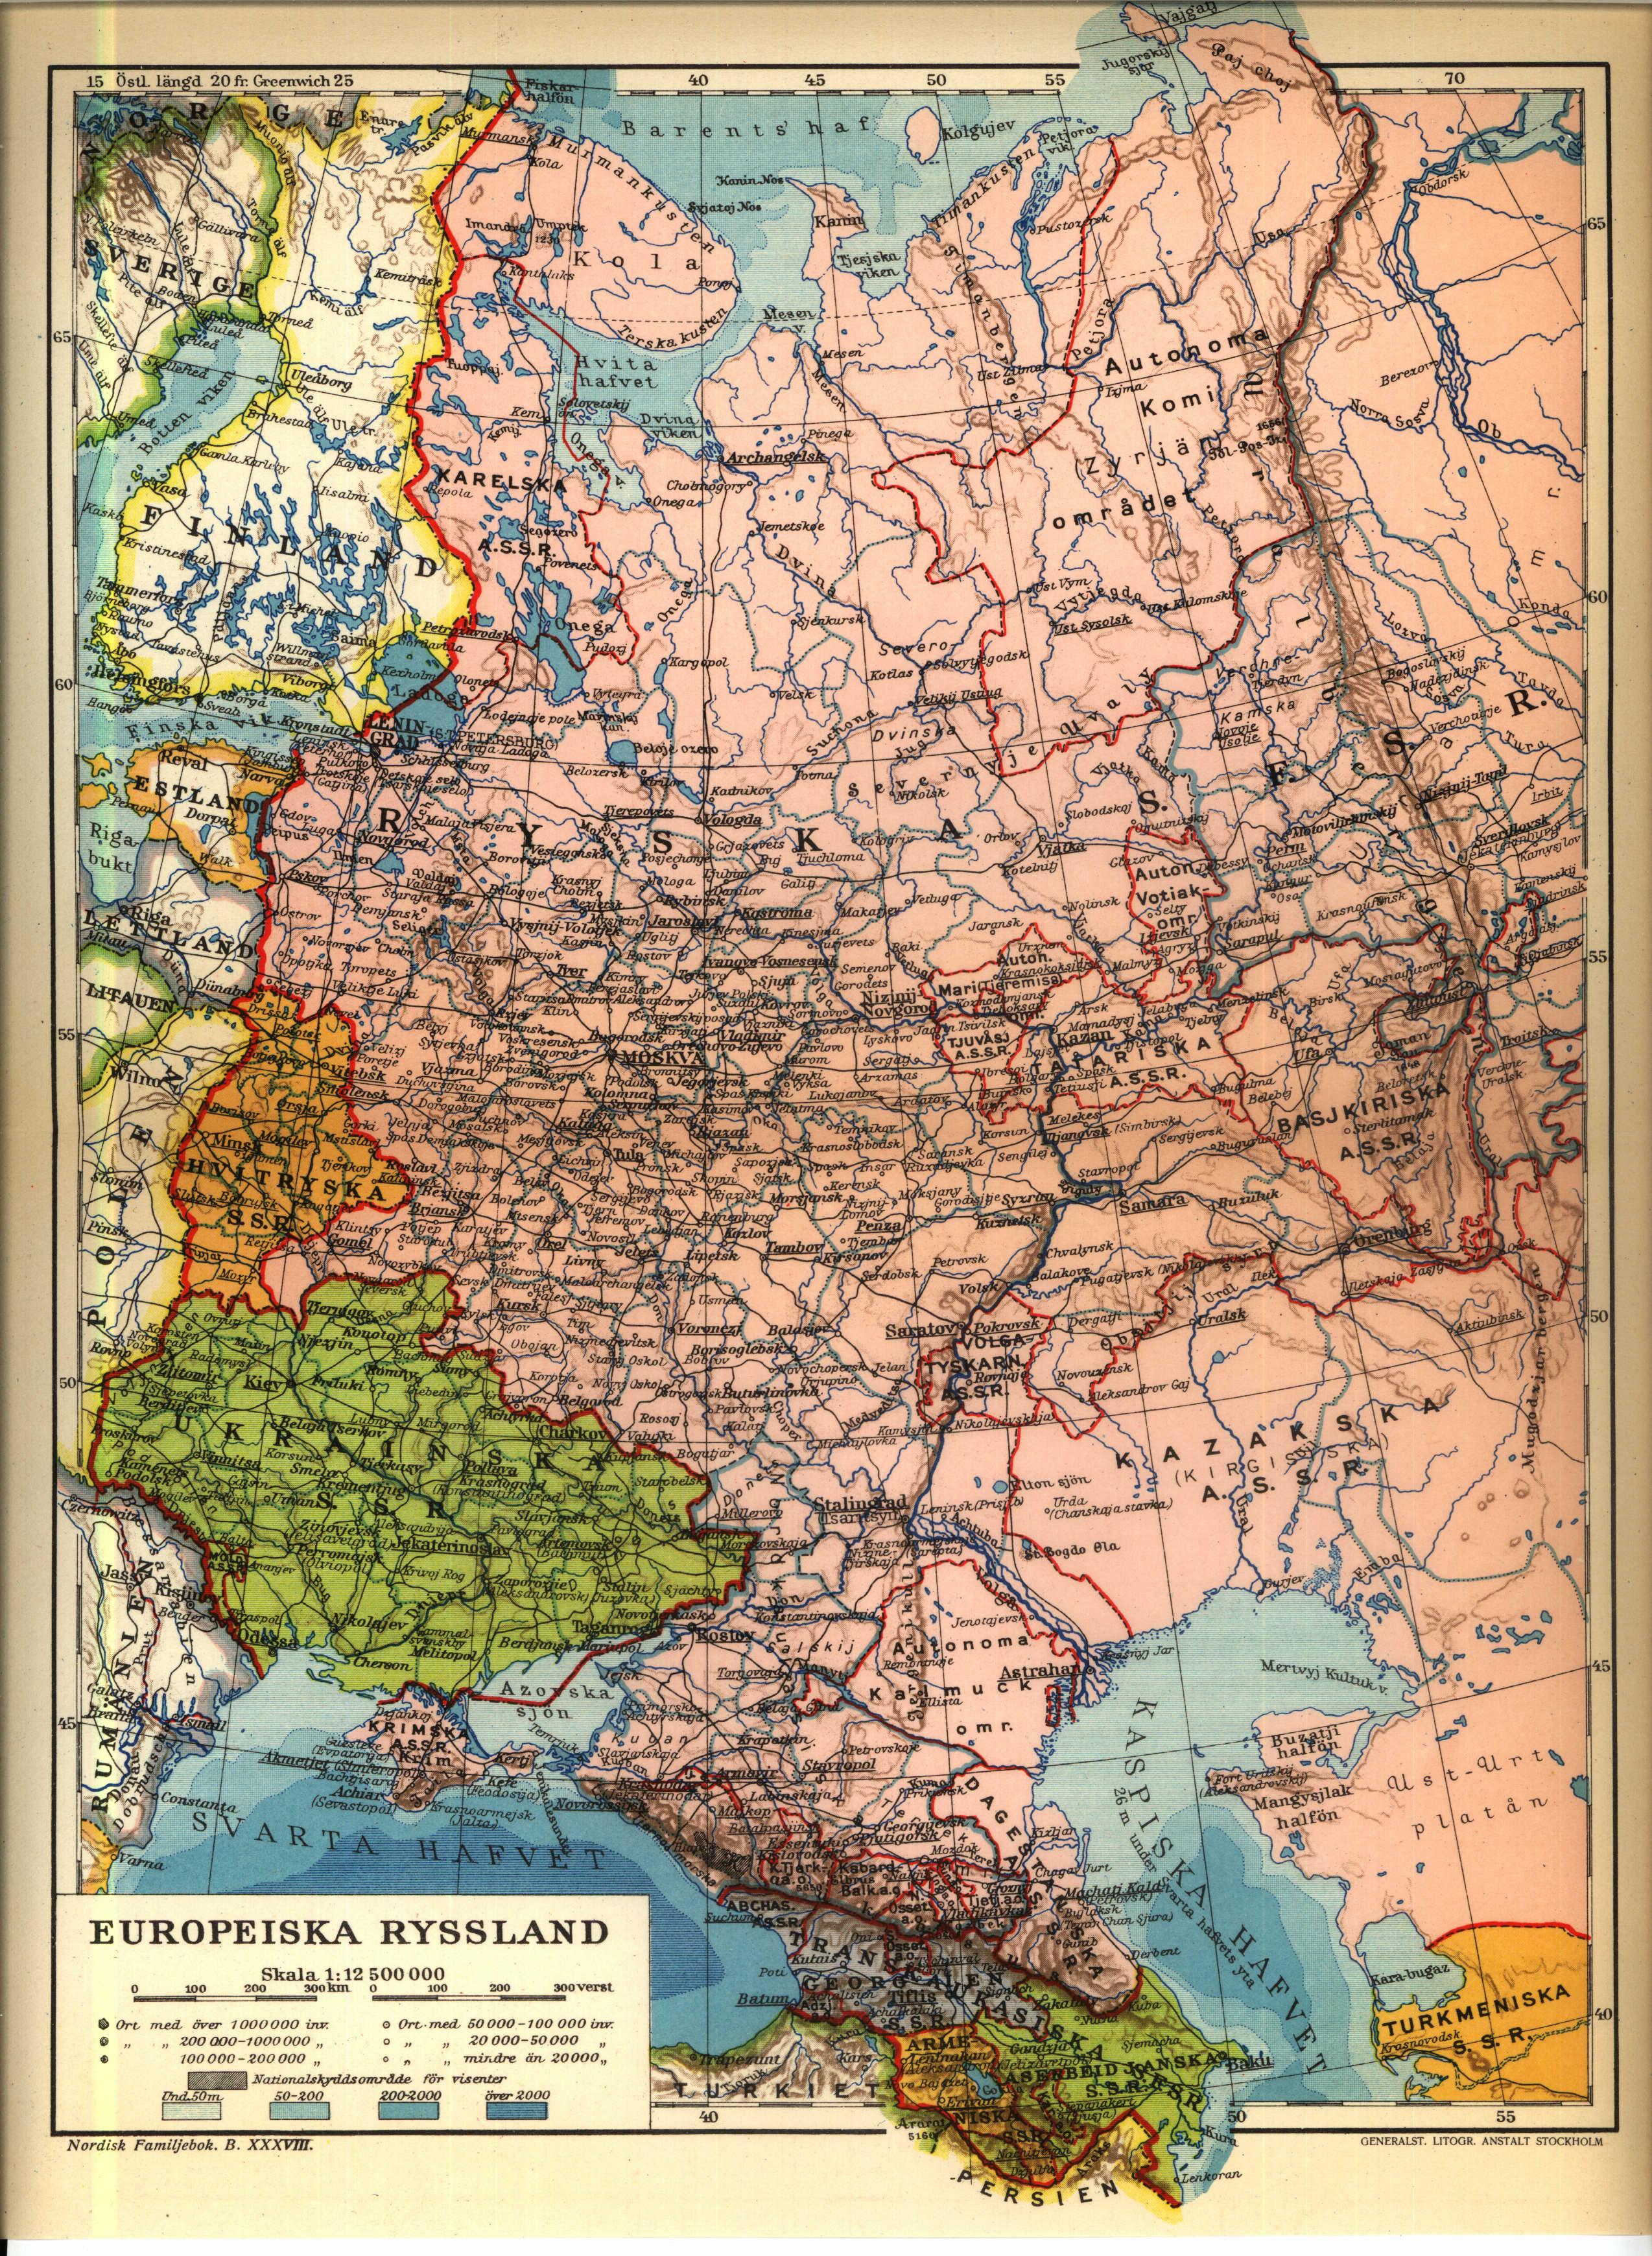 Tyskland Karta Wacken.Nordisk Familjebok Uggleupplagan 38 Supplement Riksdagens